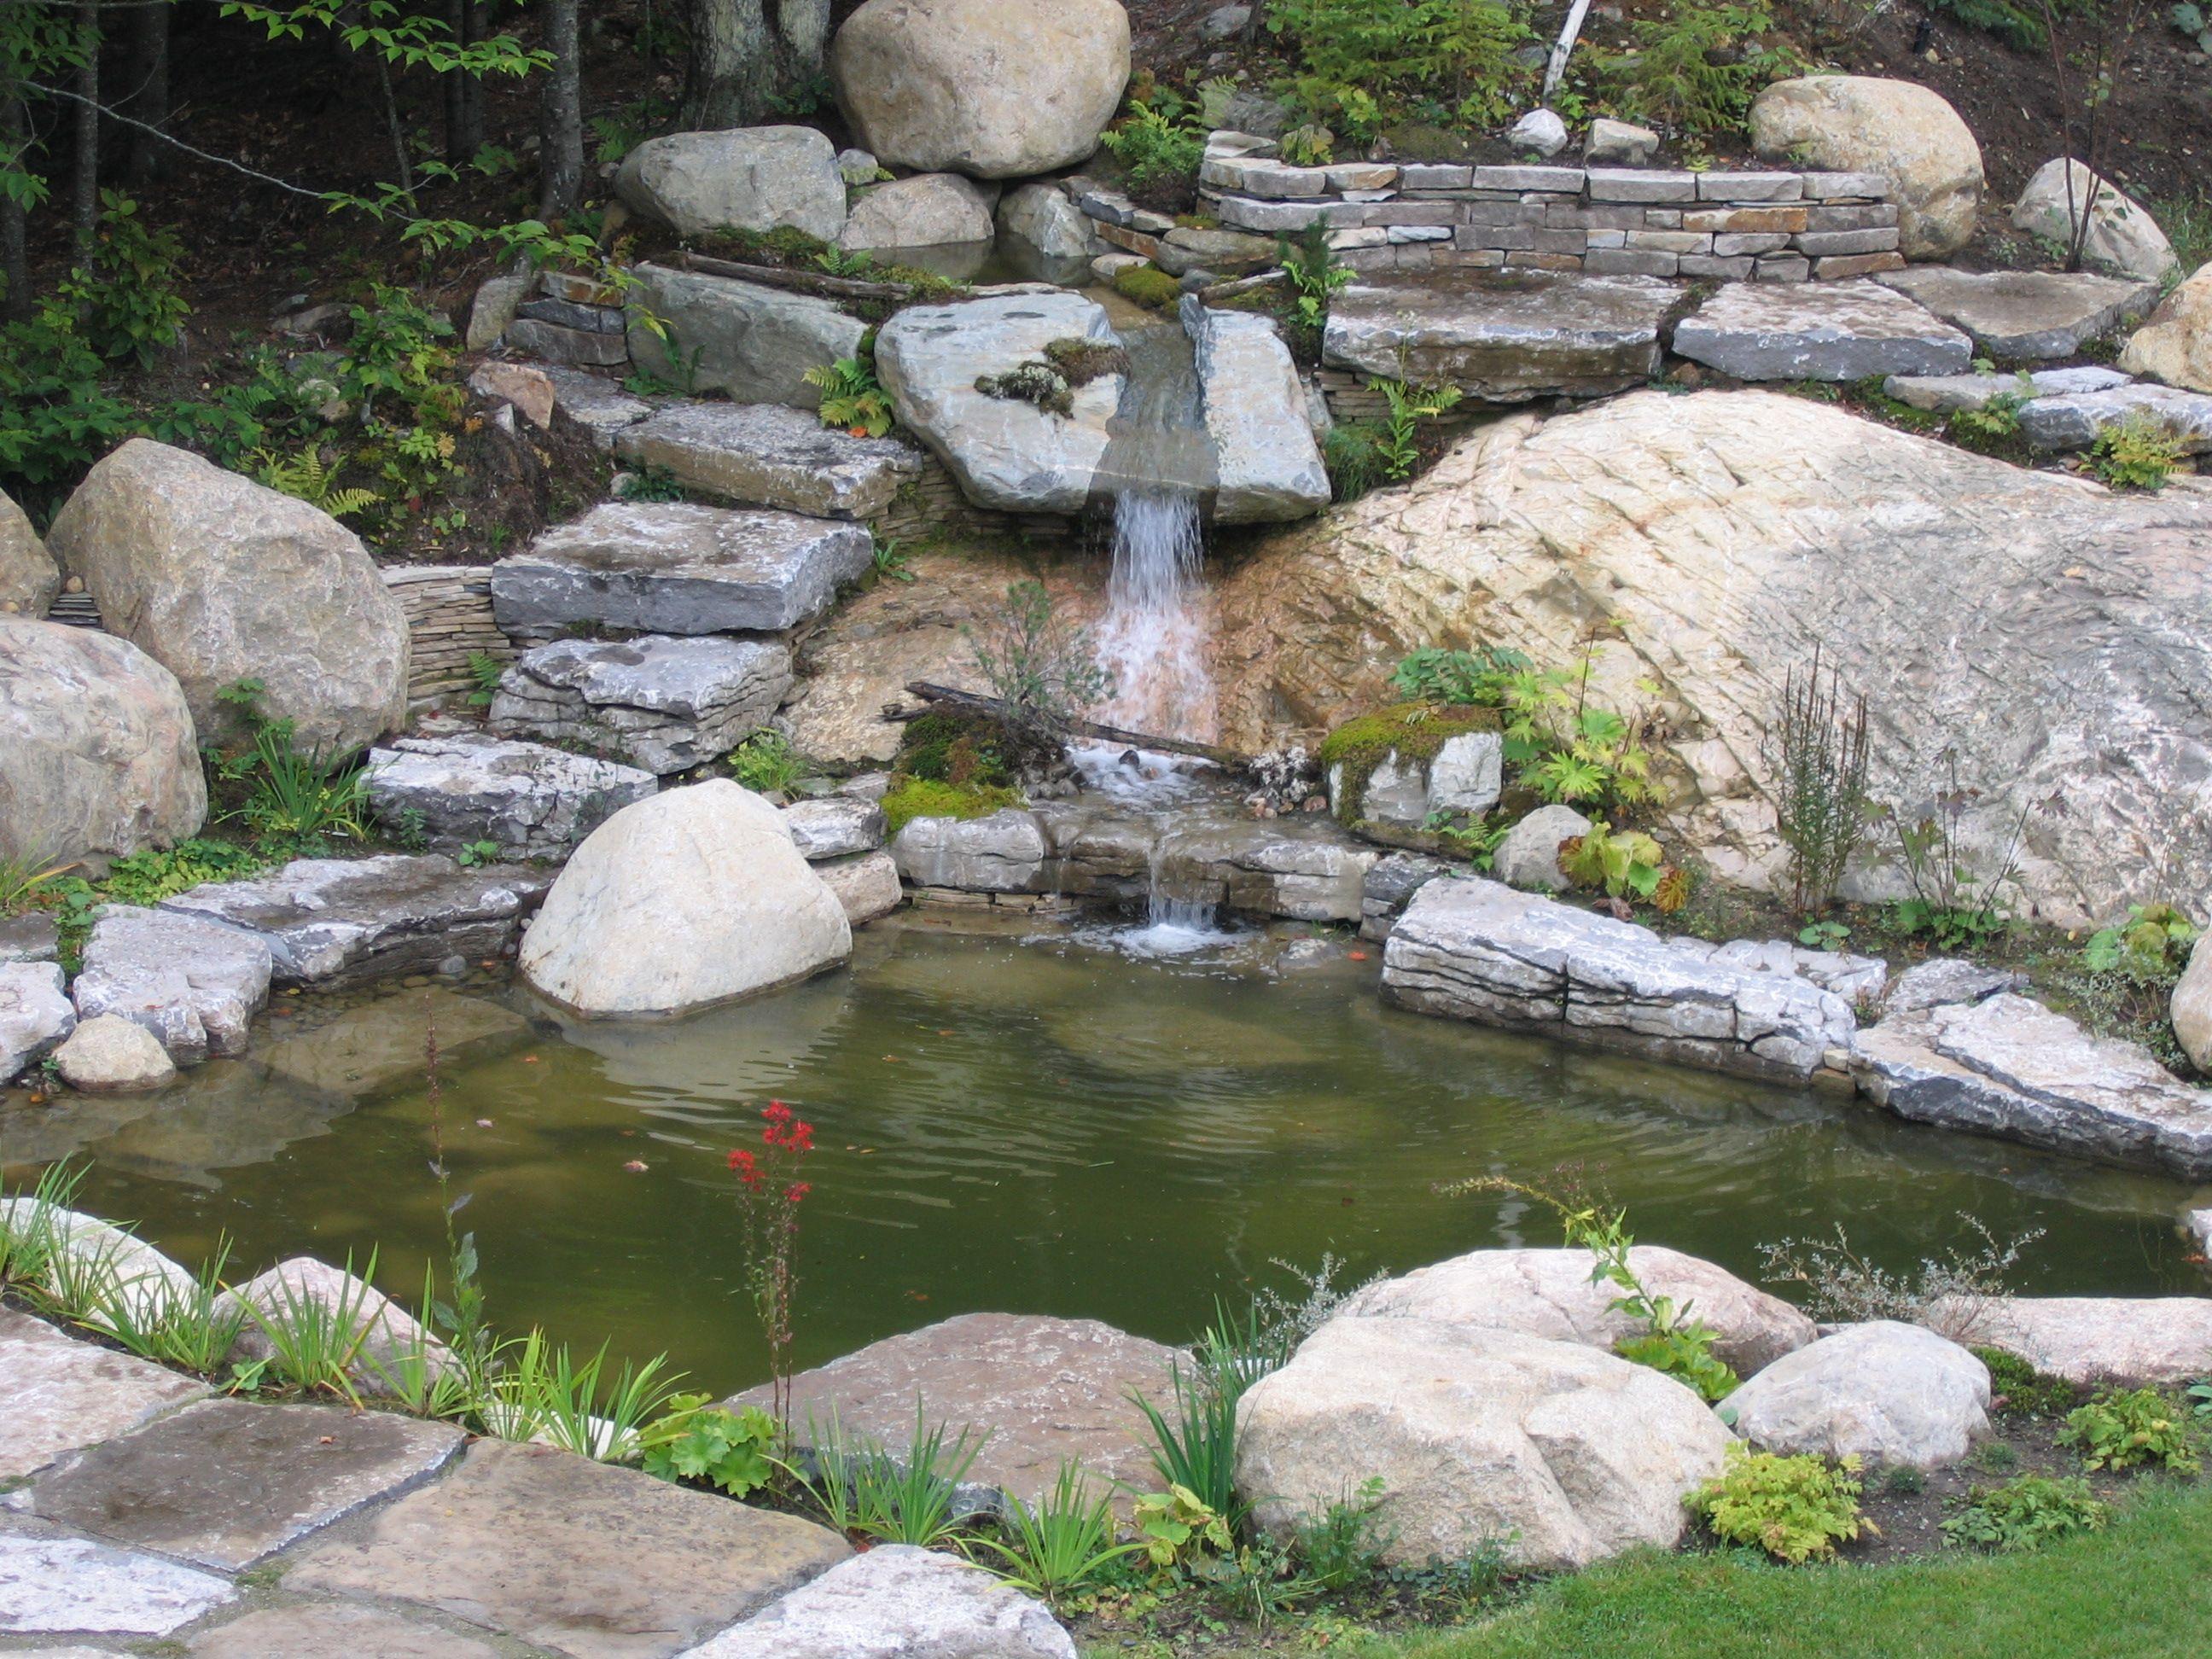 Un bassin d 39 eau stagnante parfait lieu de s r nit et zen for Amenagement paysager